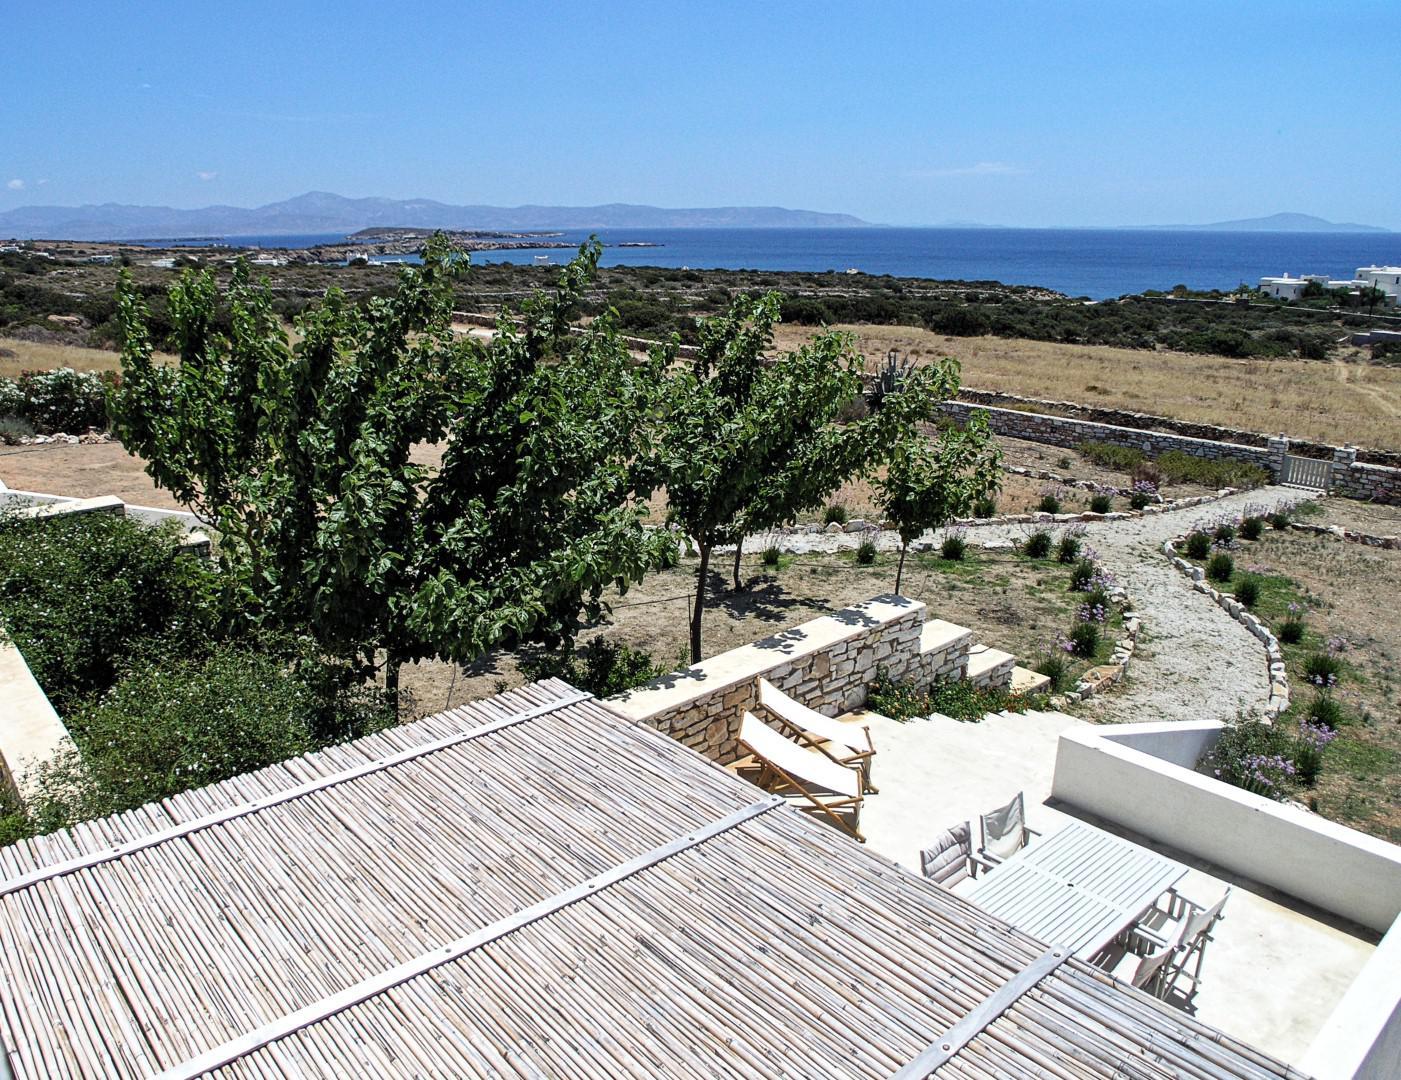 villa mella-garden and seaview.jpg